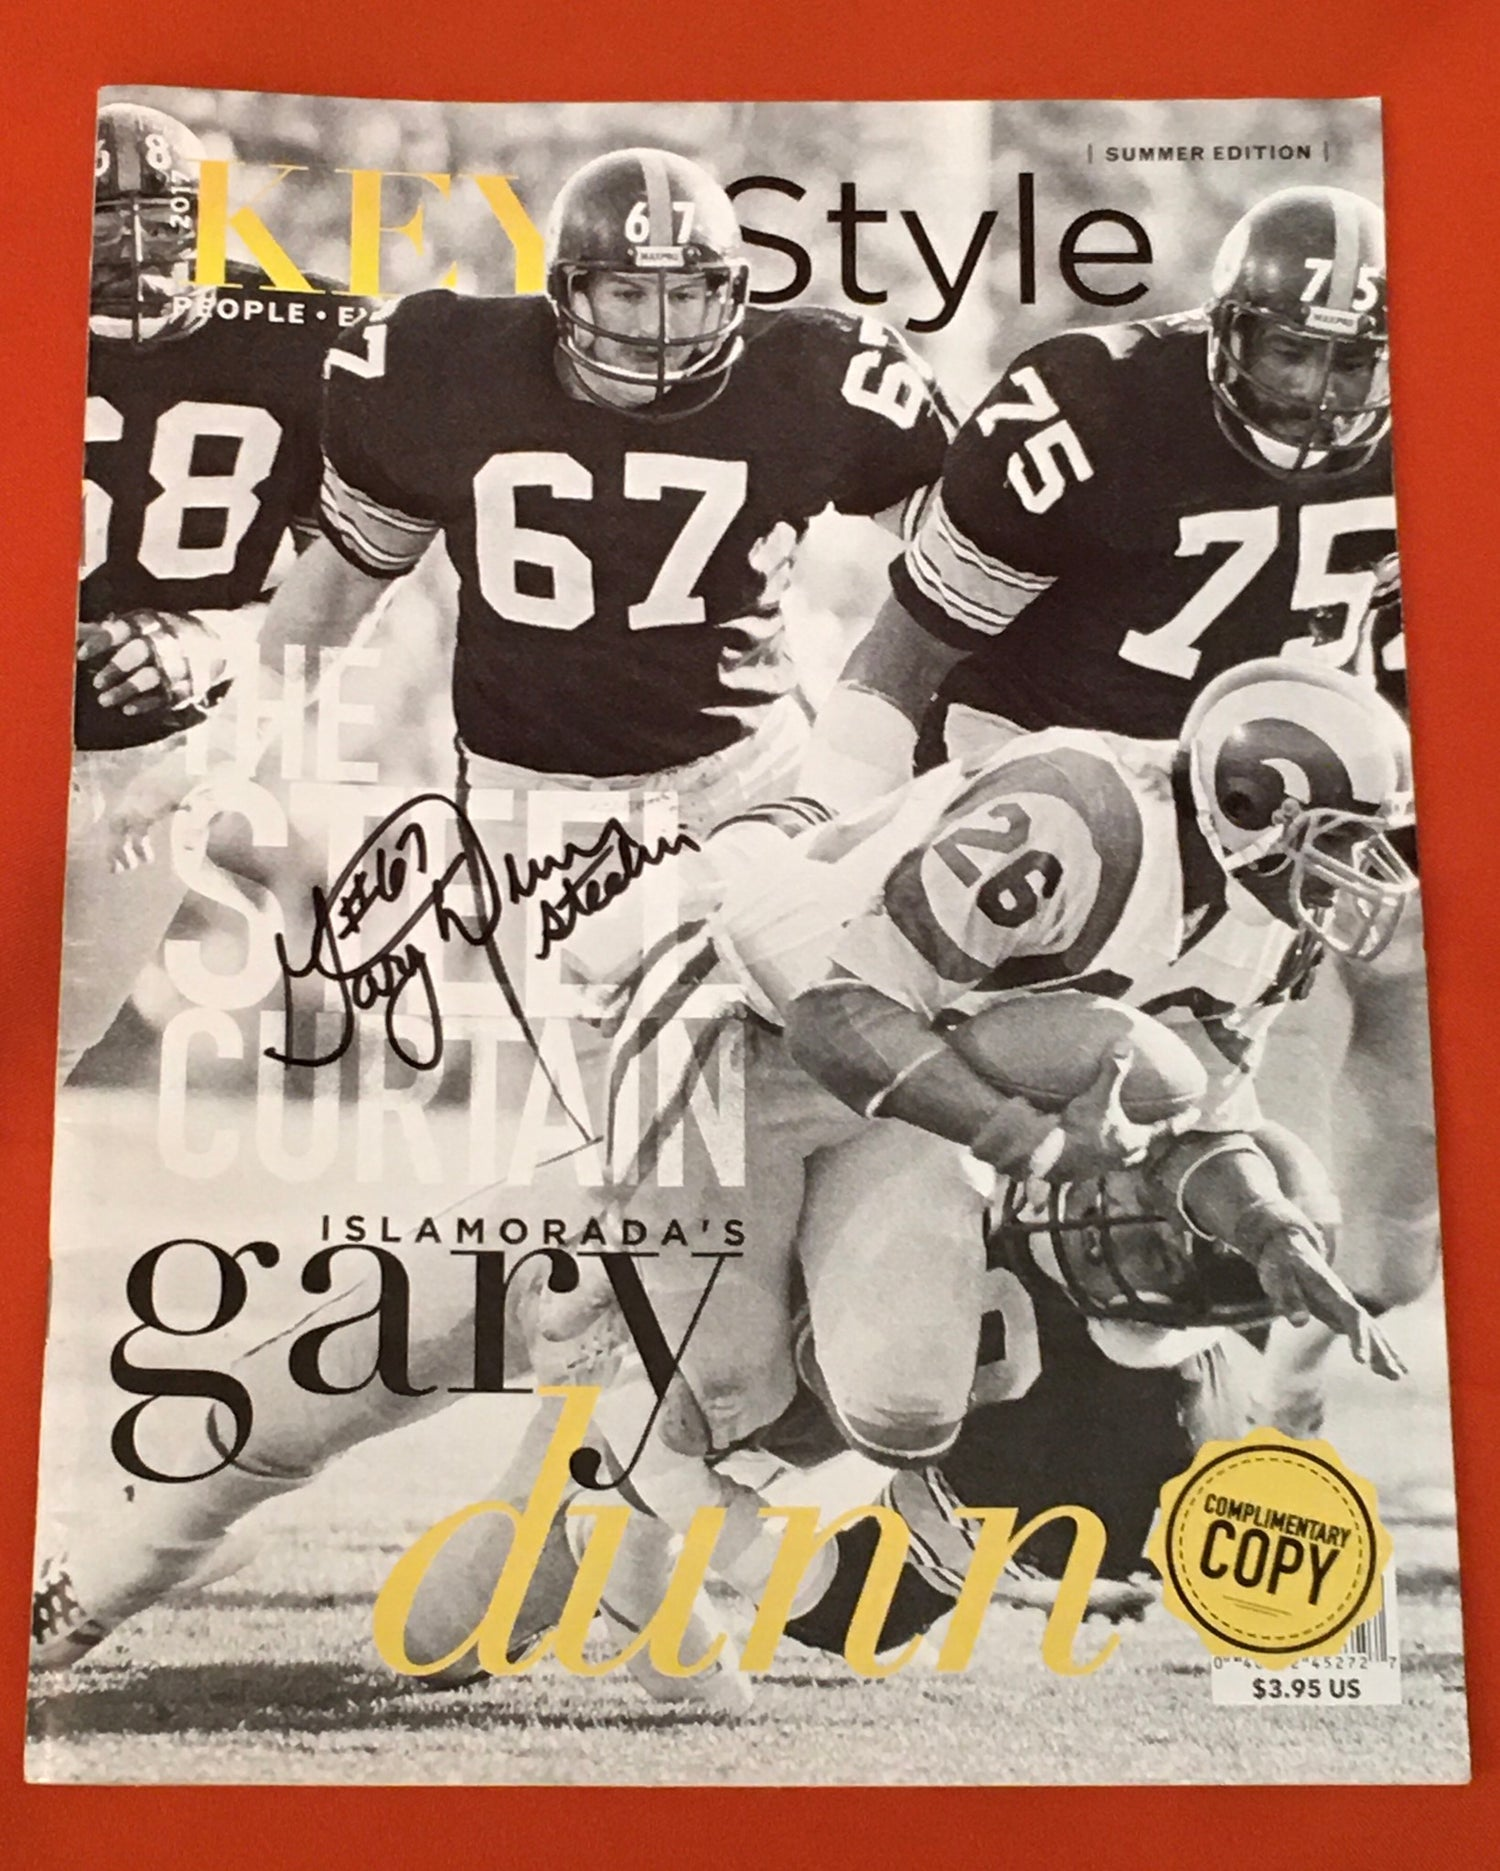 Image of Gary Dunn Signed Keys Style Magazine